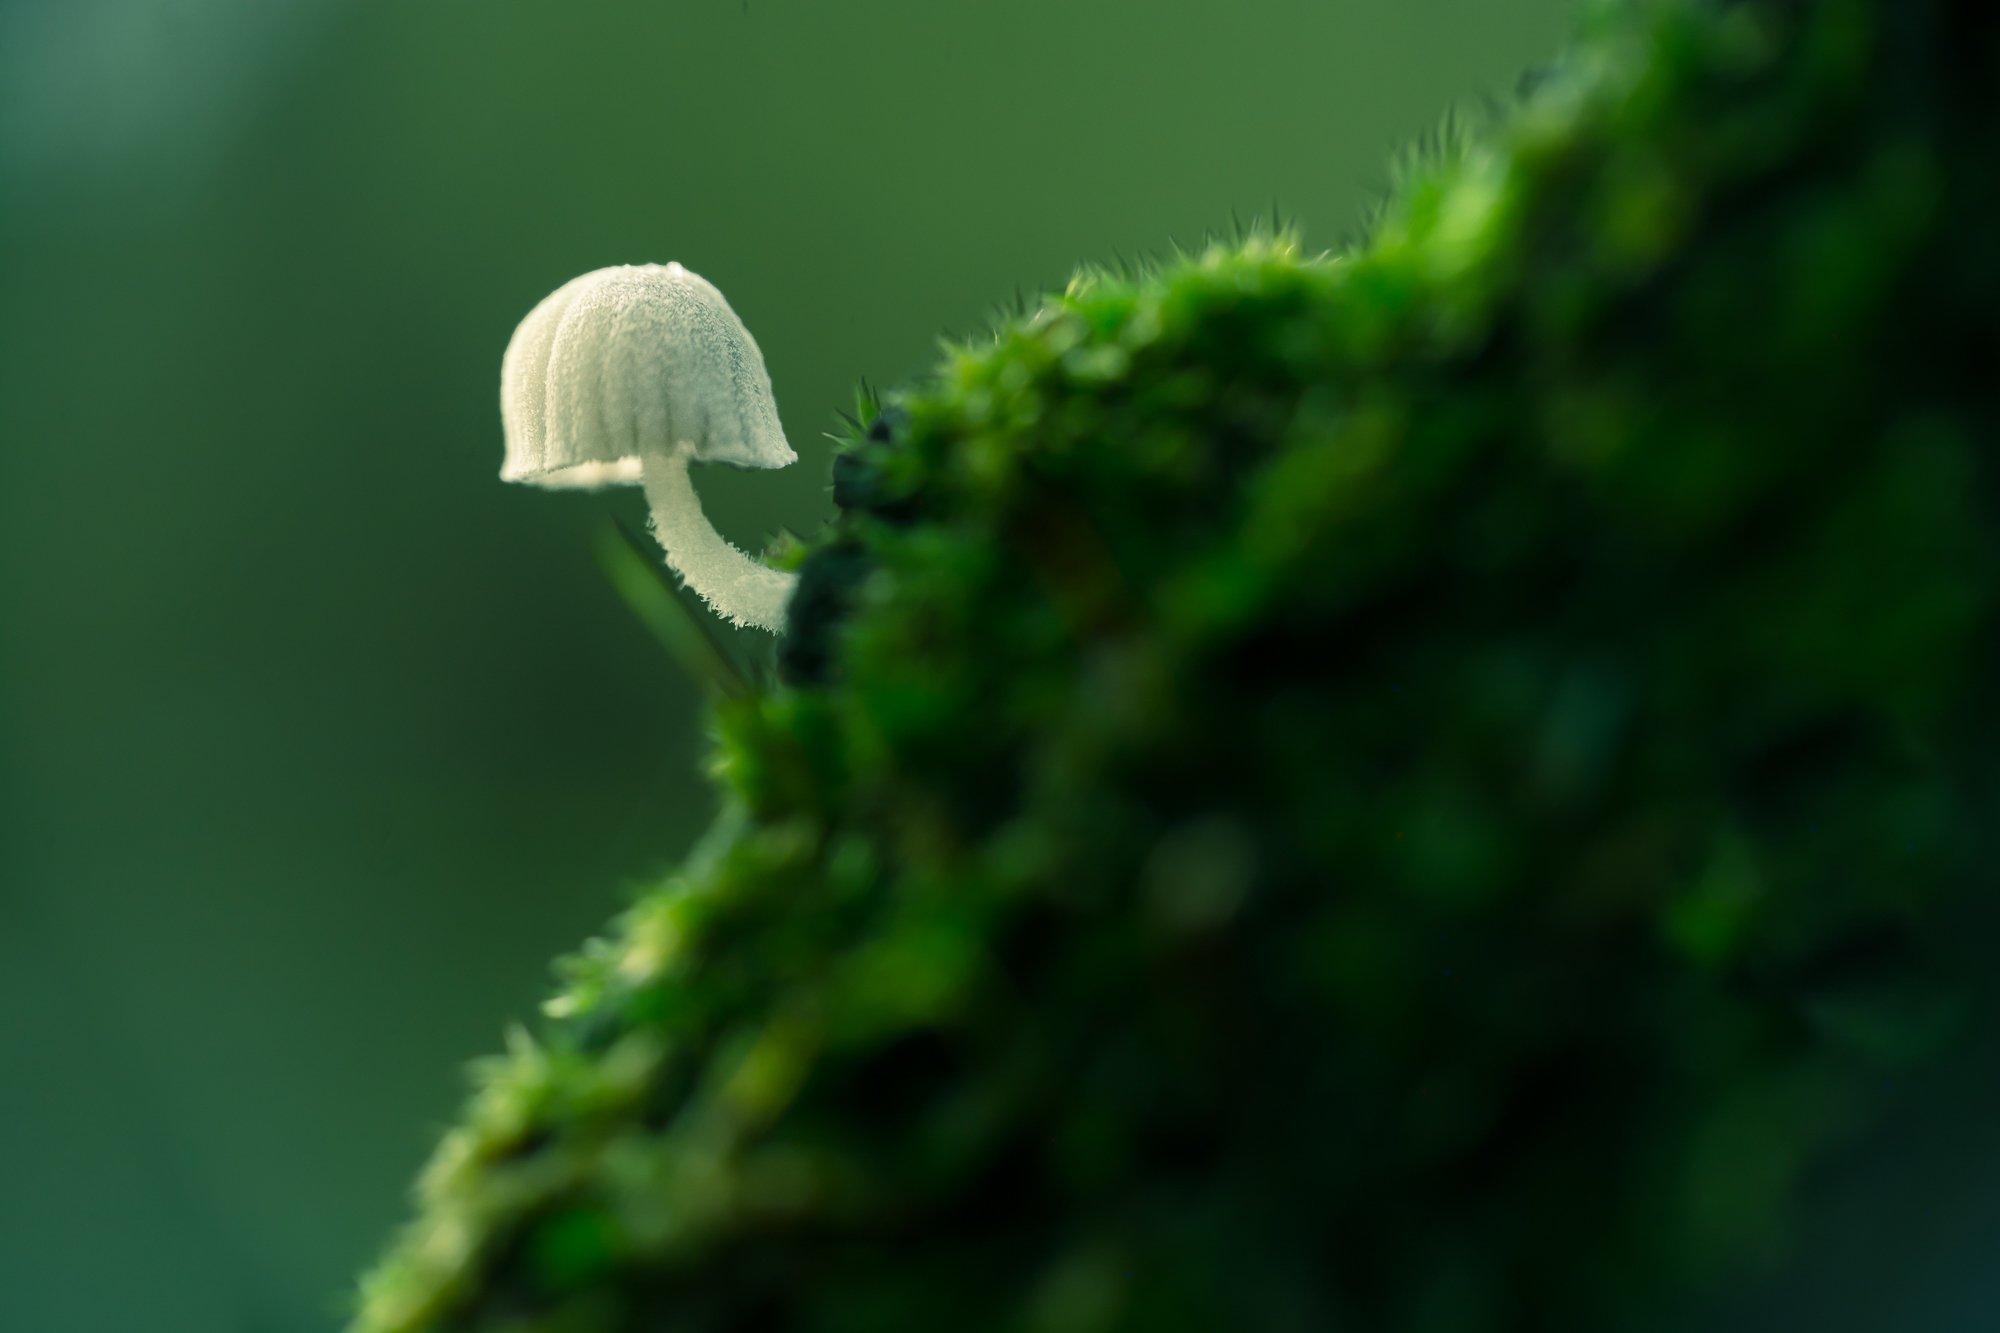 macro, nature, 3mm, fungi, small, white, moss, green, patern, natural, Antonio Bernardino